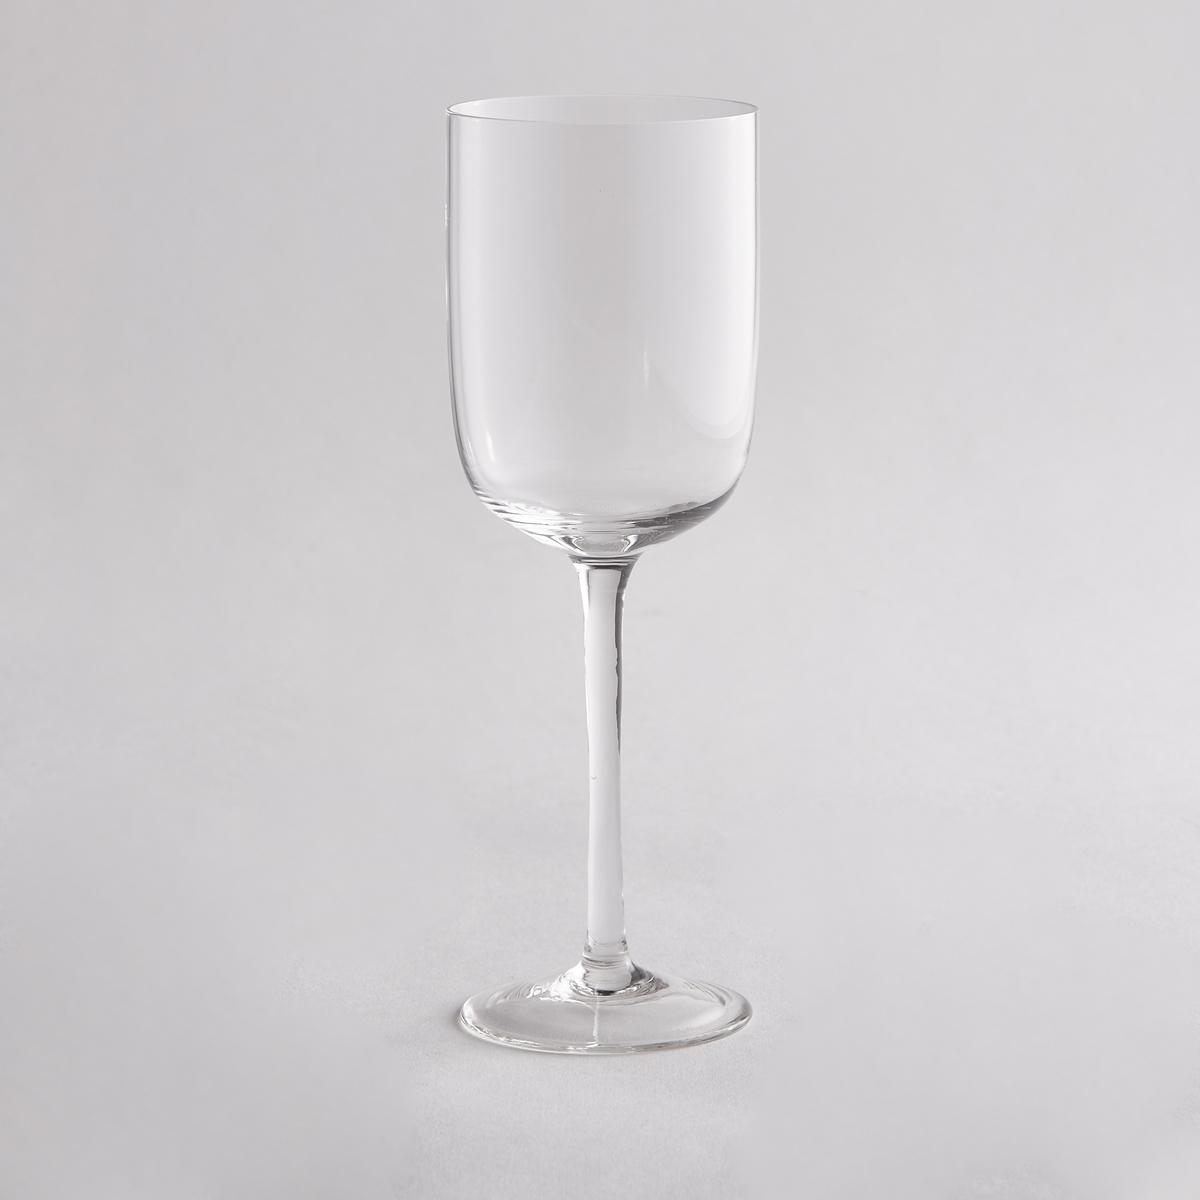 4 бокала для красного вина4 бокала для красного вина La redoute Int?rieurs  . Изысканный дизайн, который придется вам по вкусу.  Характеристики 4 бокалов для красного вина  :- Бокалы для красного вина с емкостью прямой формы  - Диаметр : 7,4 / 7 см- Высота : 22,2 см    - Подходят для мытья в посудомоечной машине- В комплекте 4 бокала<br><br>Цвет: прозрачный